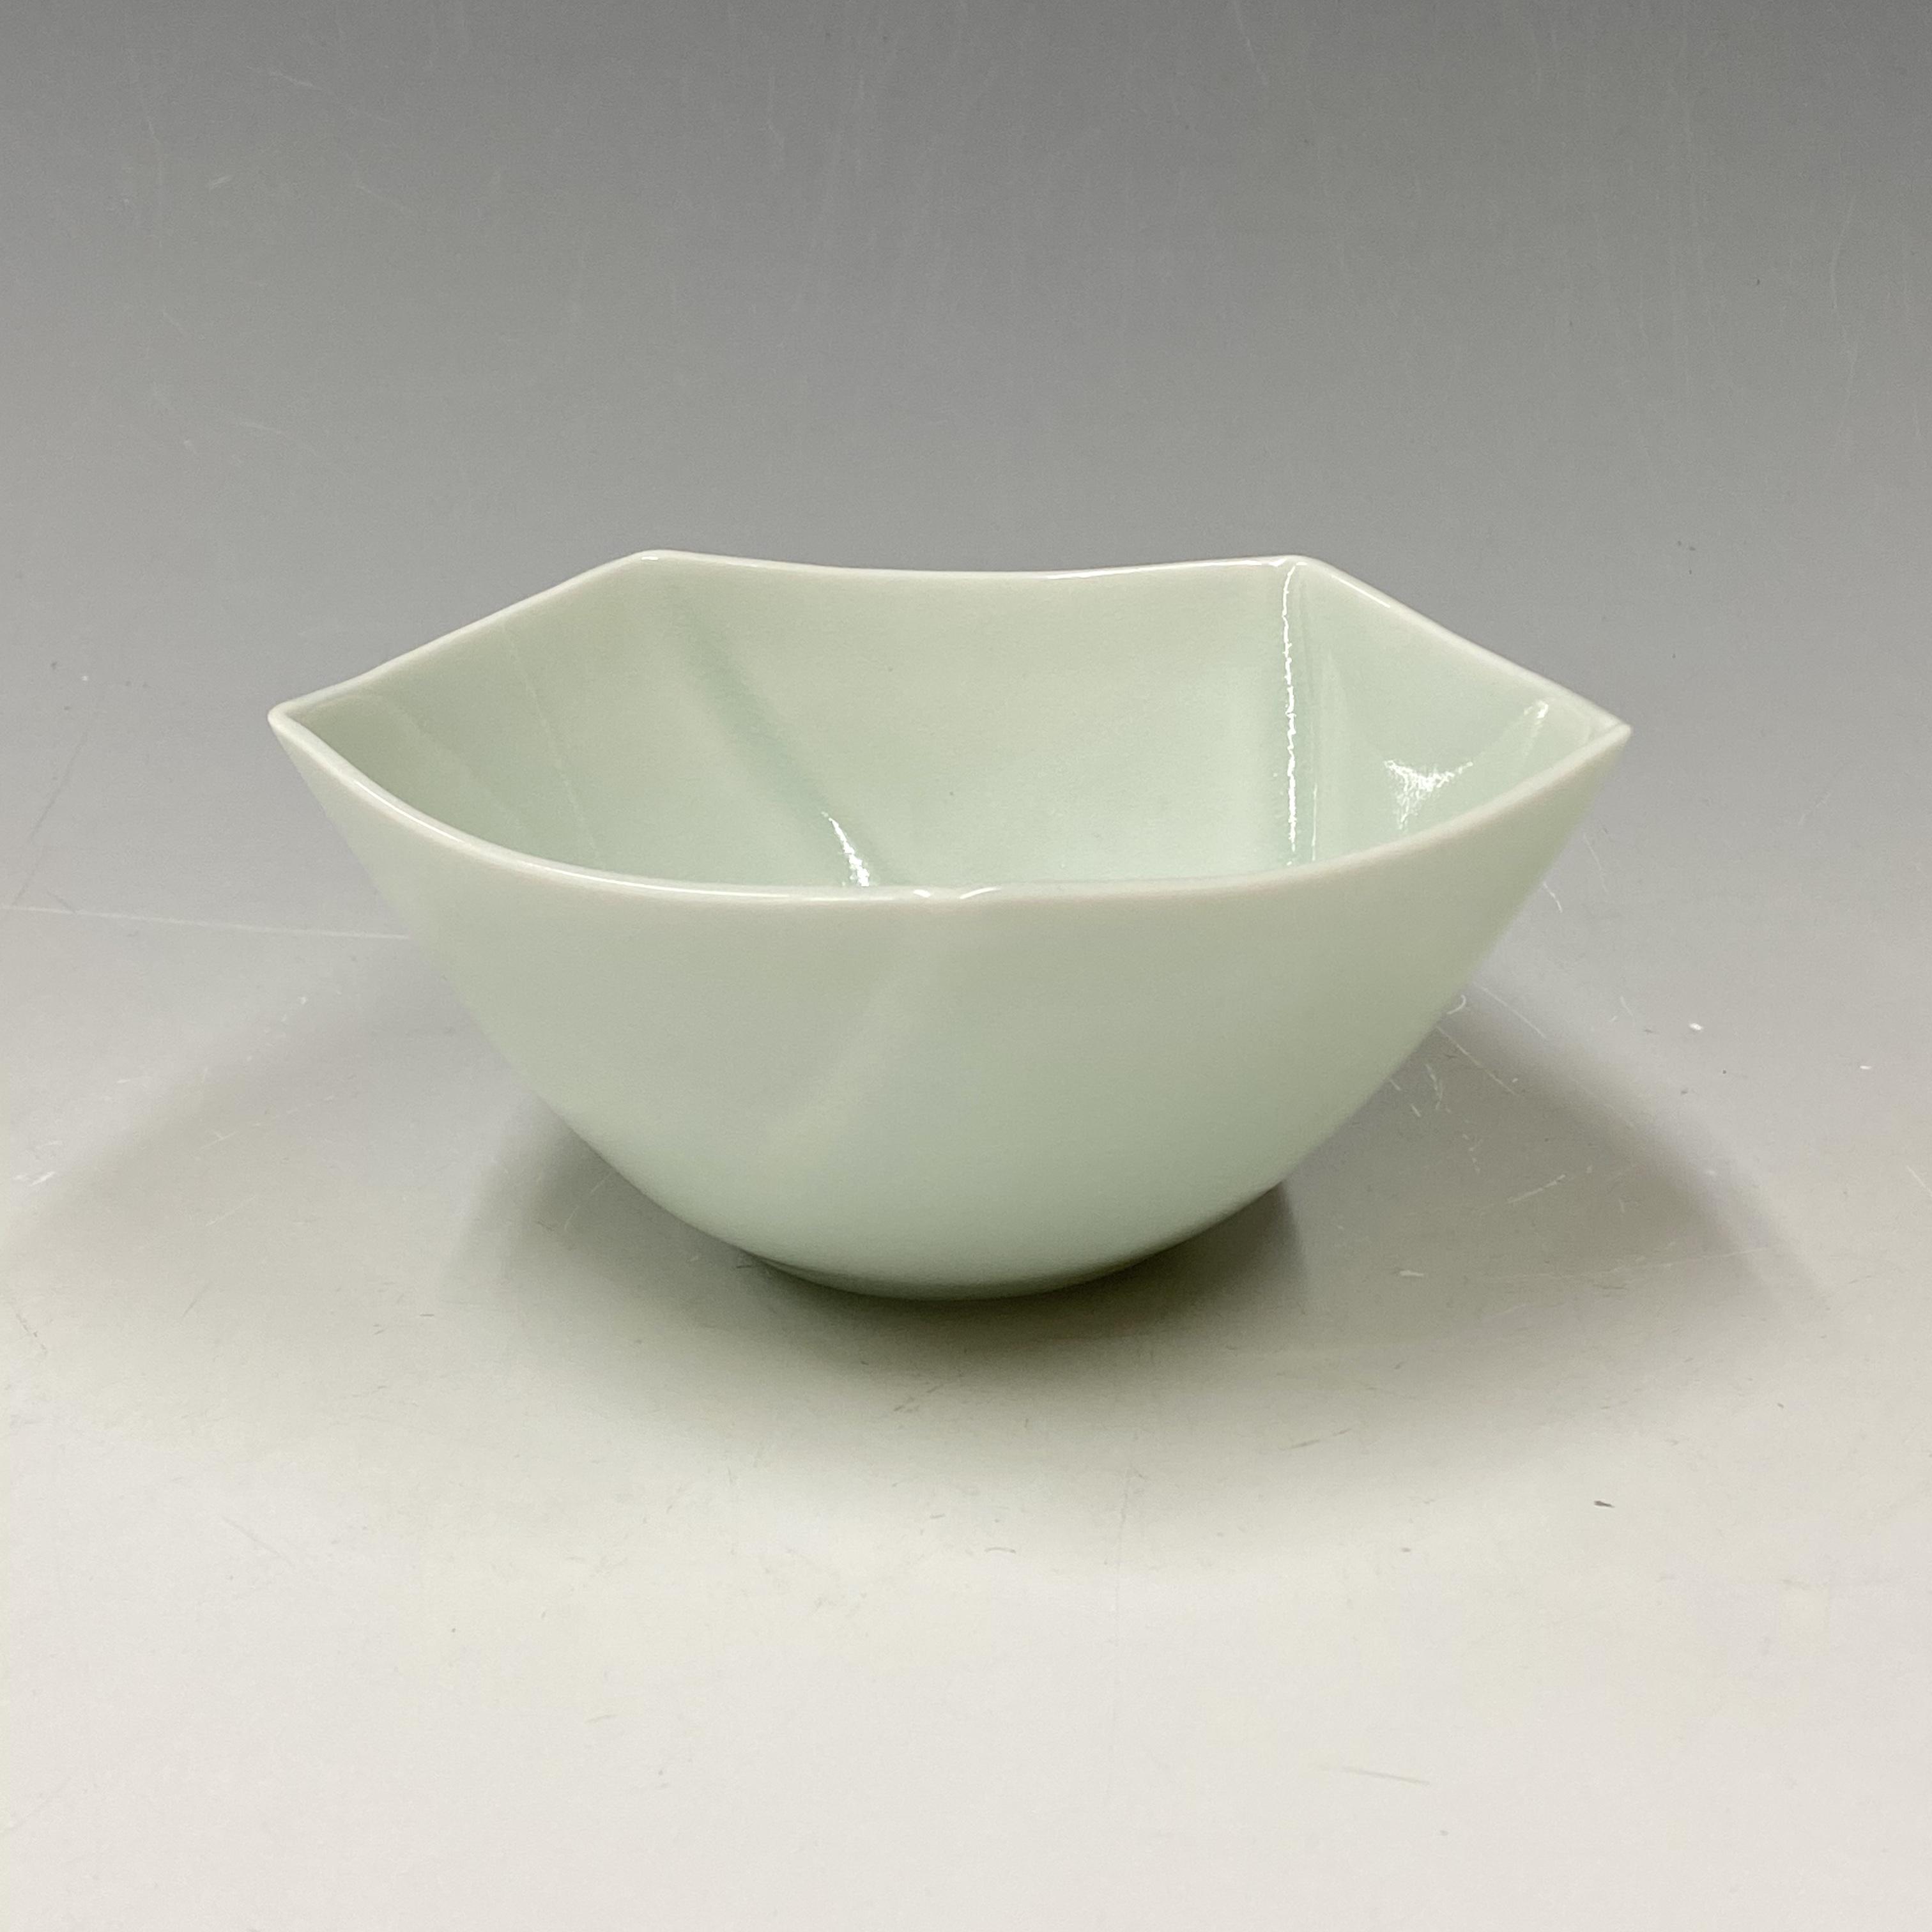 【中尾純】青白磁五角鉢